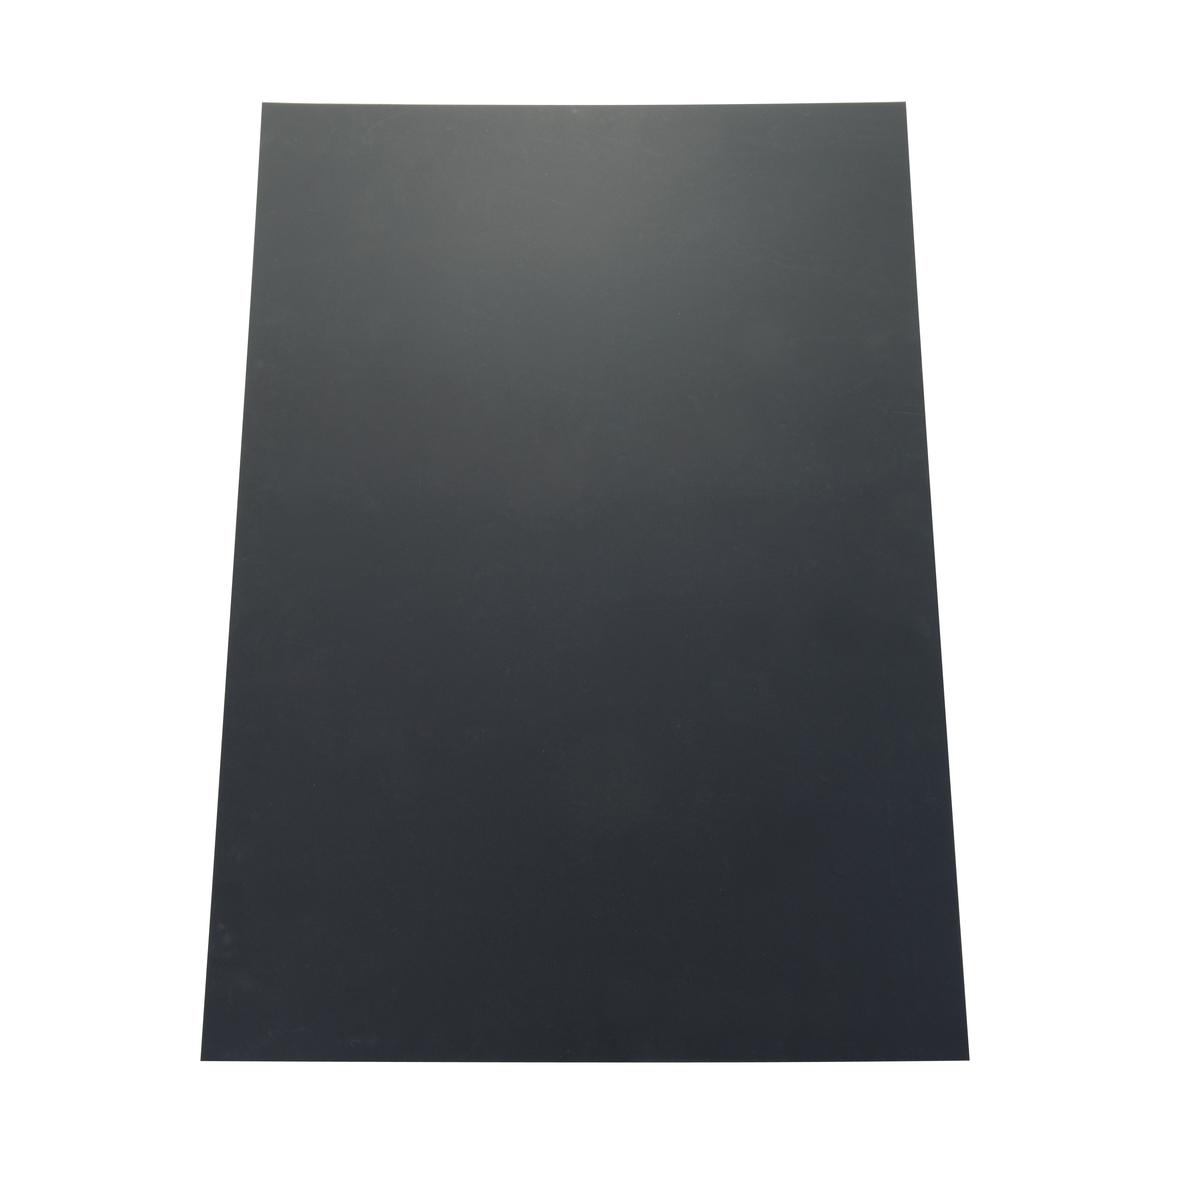 カッターなどでお好みのサイズに簡単カット 流行のアイテム タレゴム 3×500×800mm 新作 大人気 カットタイプ 黒 泥よけ